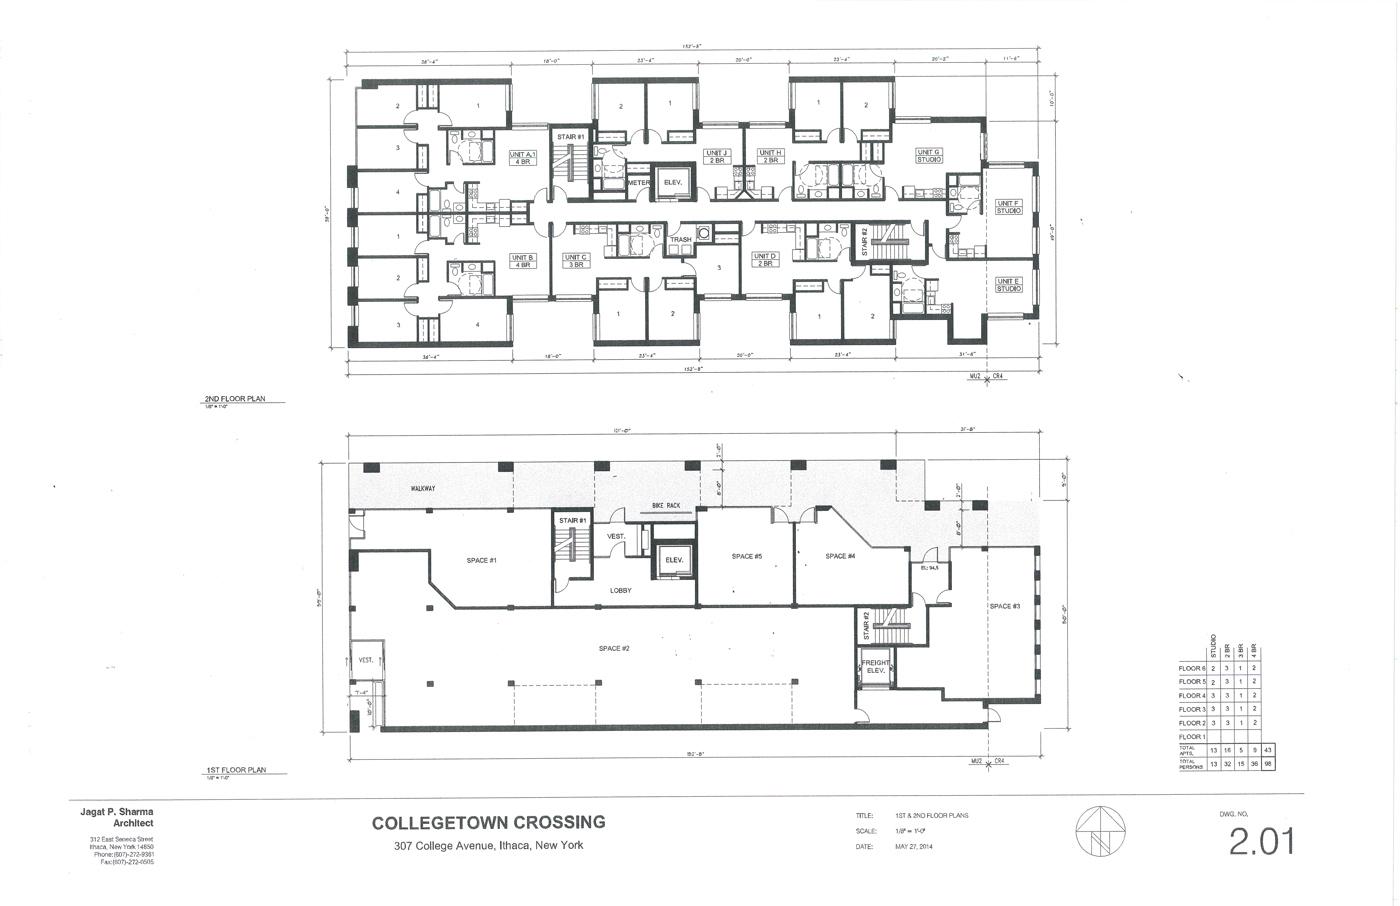 307-College-Avenue---Sketch-Plan-Presentation---05-27-14-4